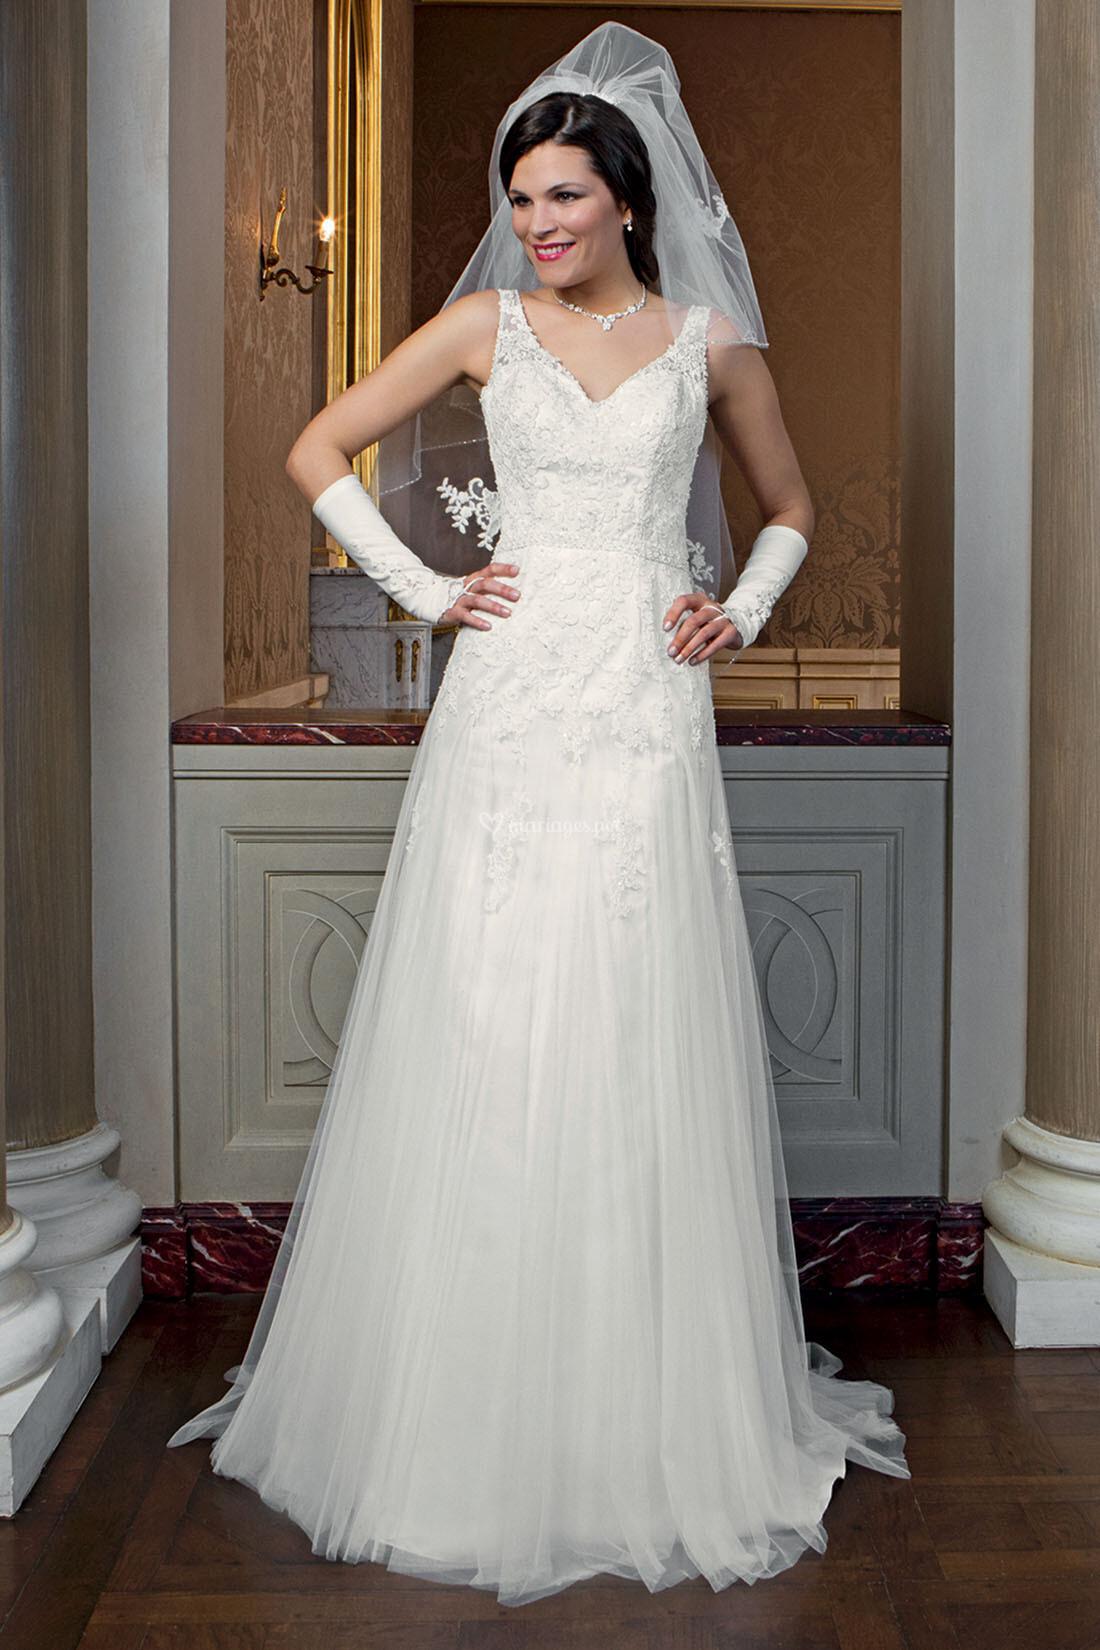 Angelica Bella Fotos robes de mariée sur bella créations - angelica - mariages